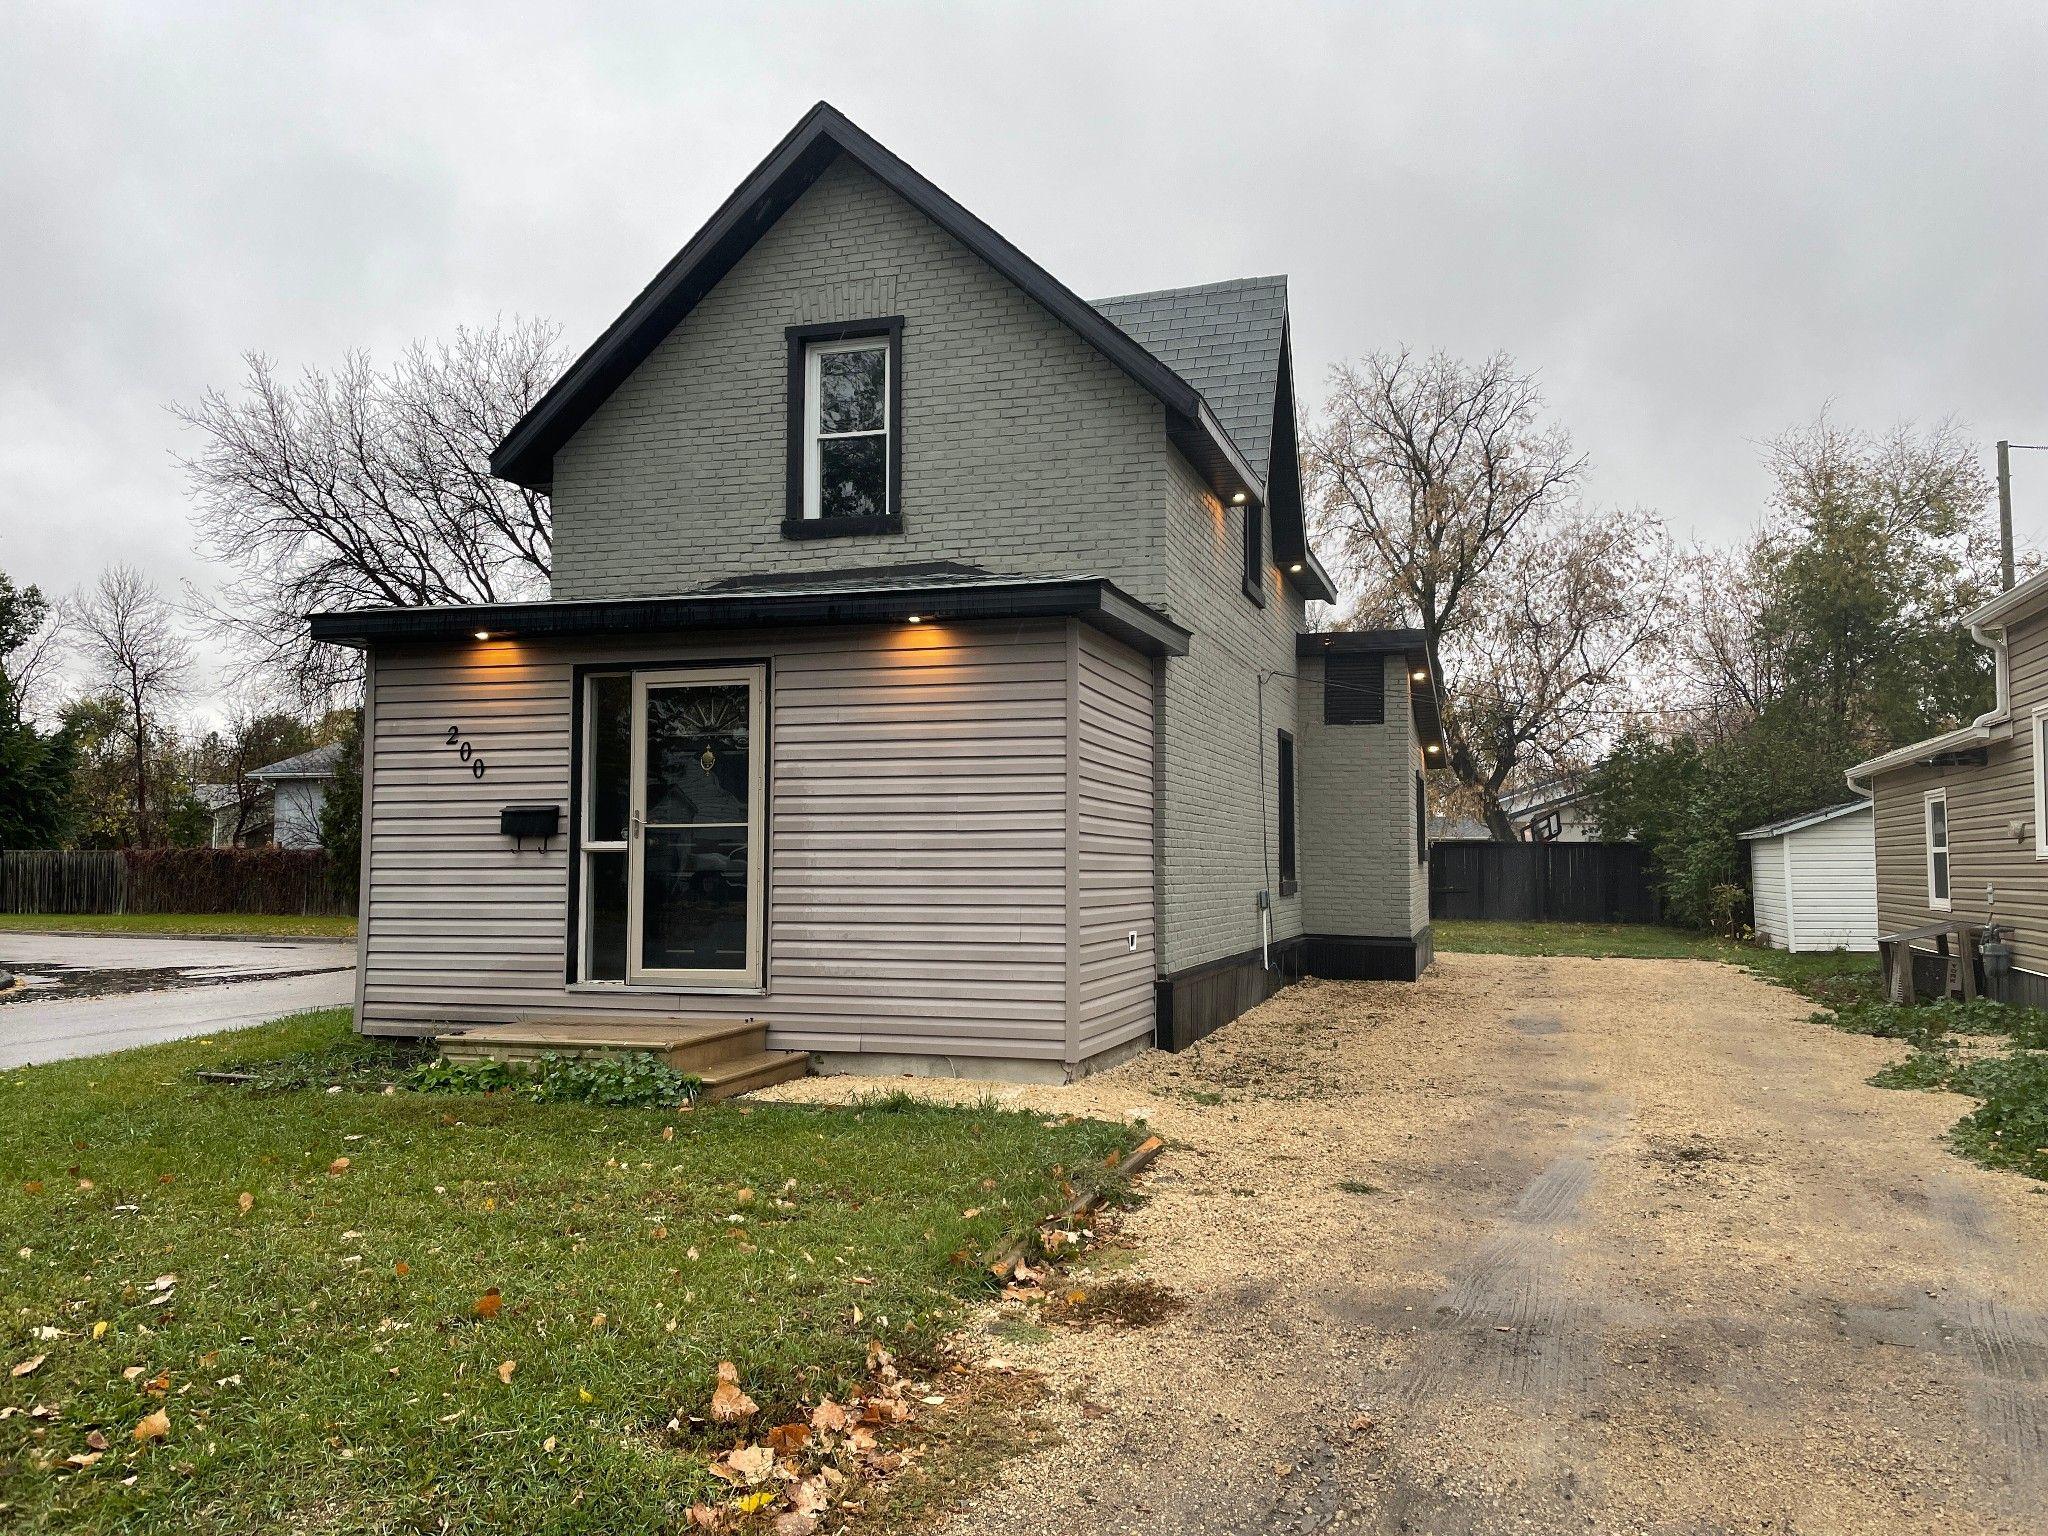 Main Photo: 200 6th Avenue NE in Portage la Prairie: House for sale : MLS®# 202124514